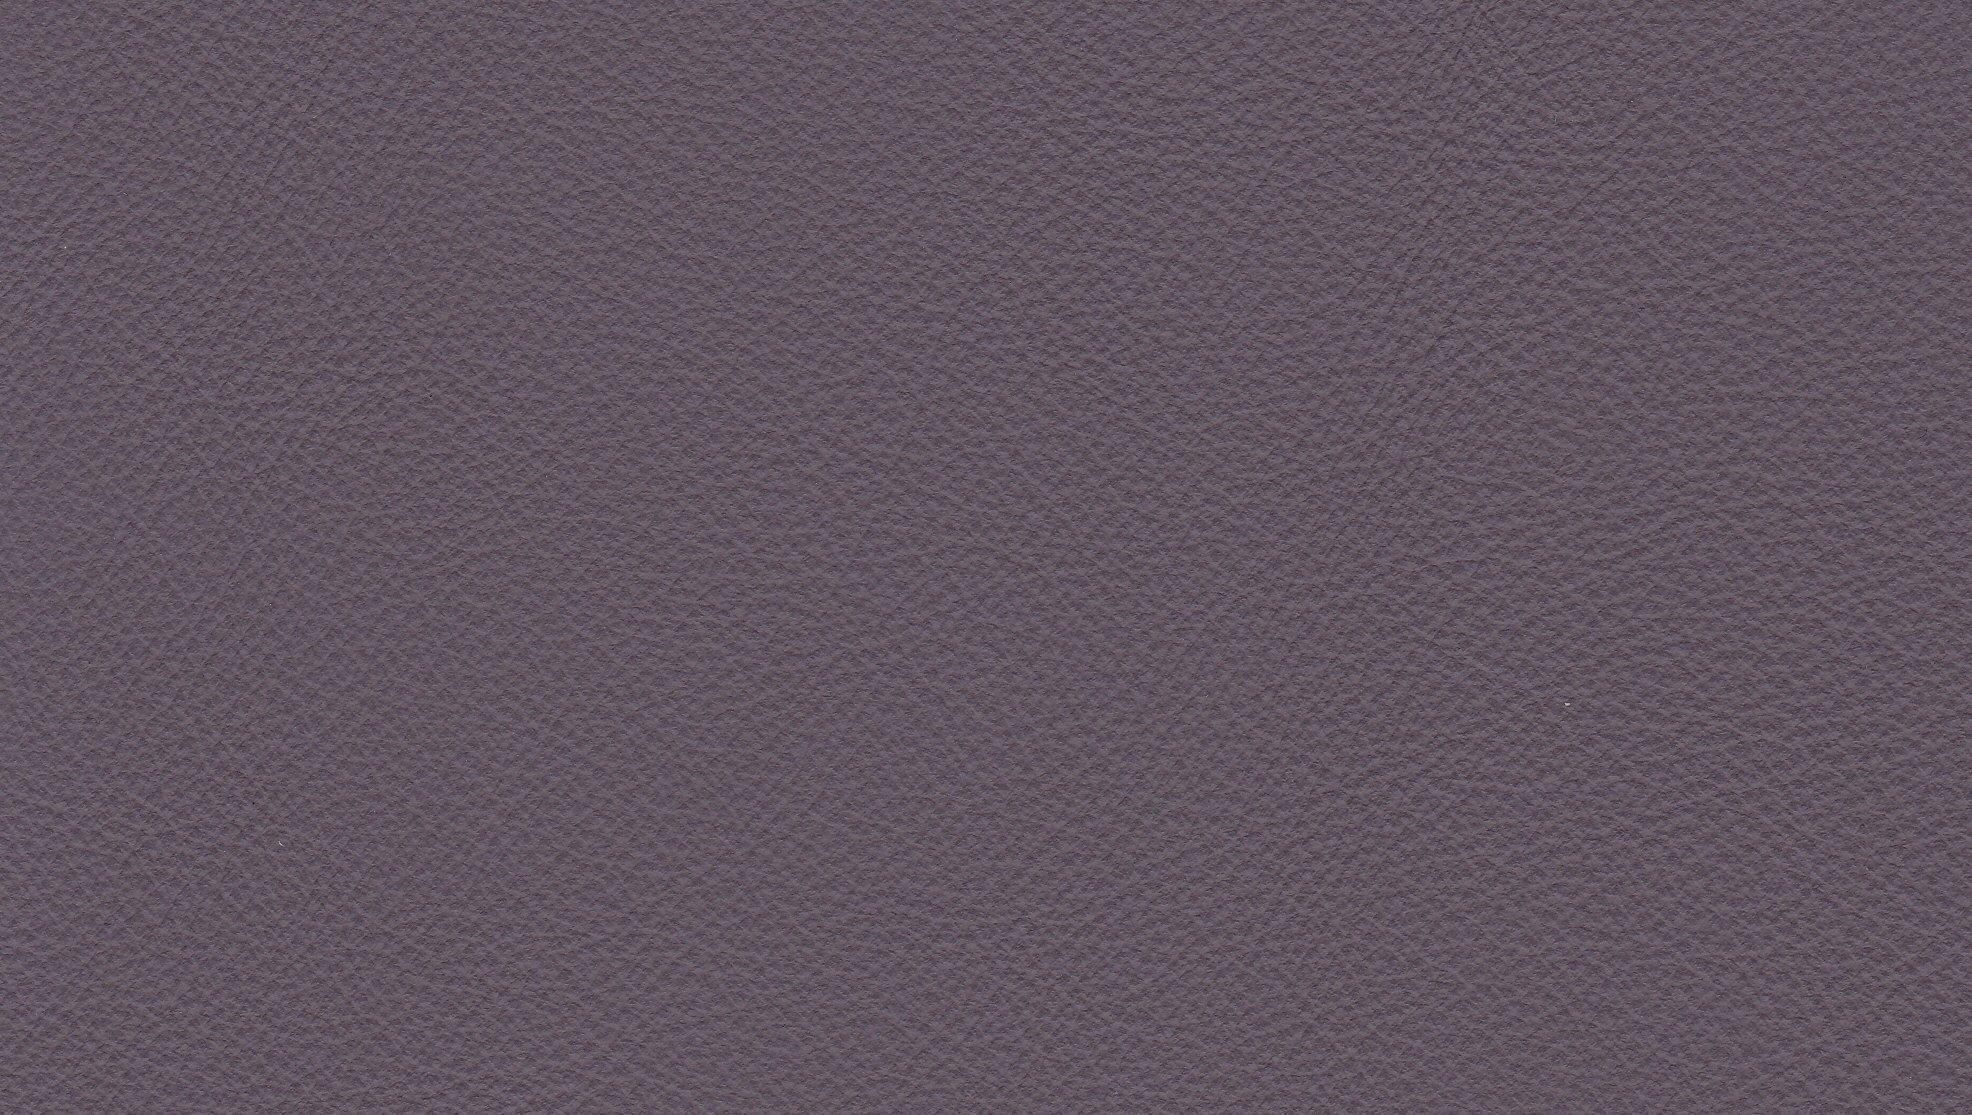 Amethyst medici leather